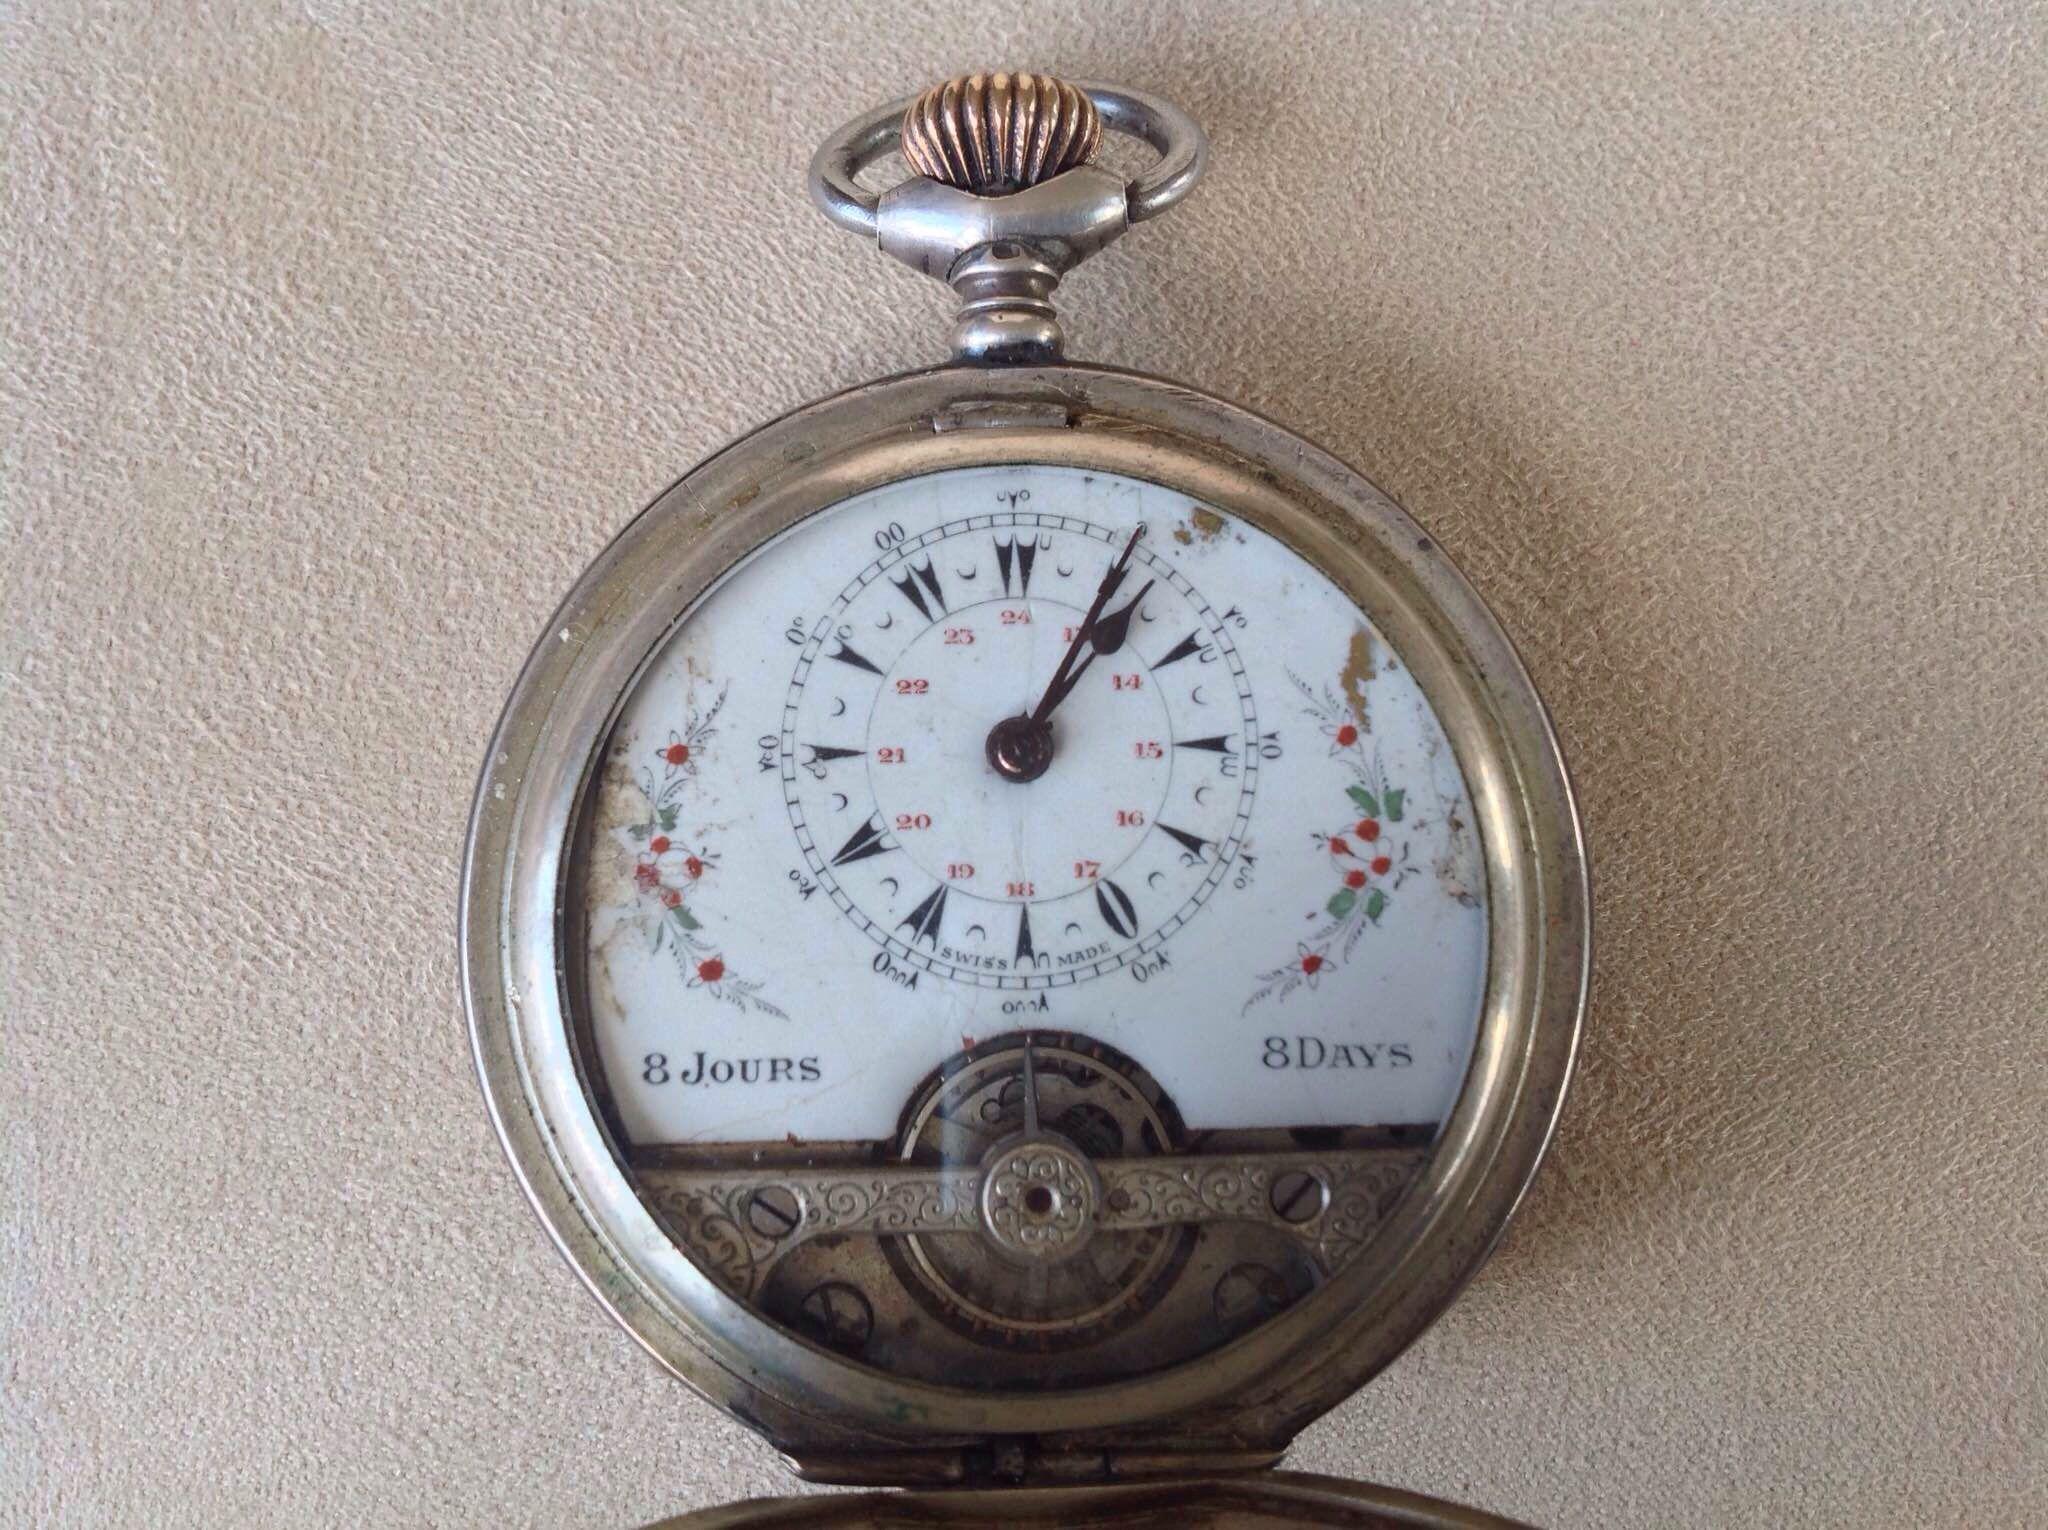 0e3877a515b Relógio De Bolso · Hebdomas Pocket Watch